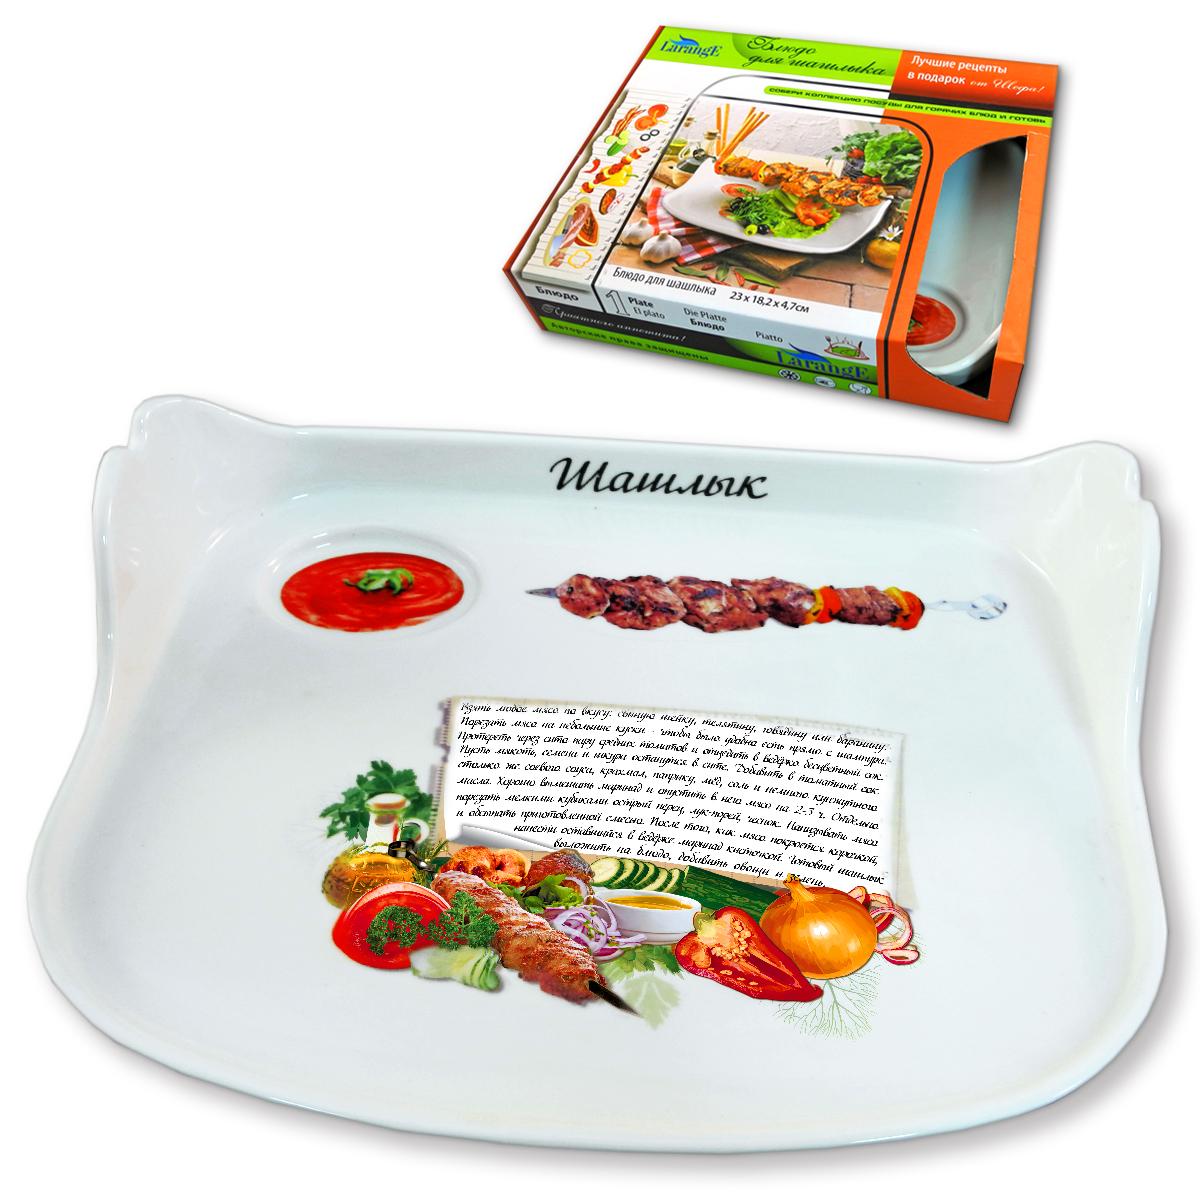 Блюдо для шашлыка LarangE Микс-шашлык, 22 х 18 х 5 см тарелка для завтрака larange семейный завтрак у пирата 22 5 х 19 x 1 5 см